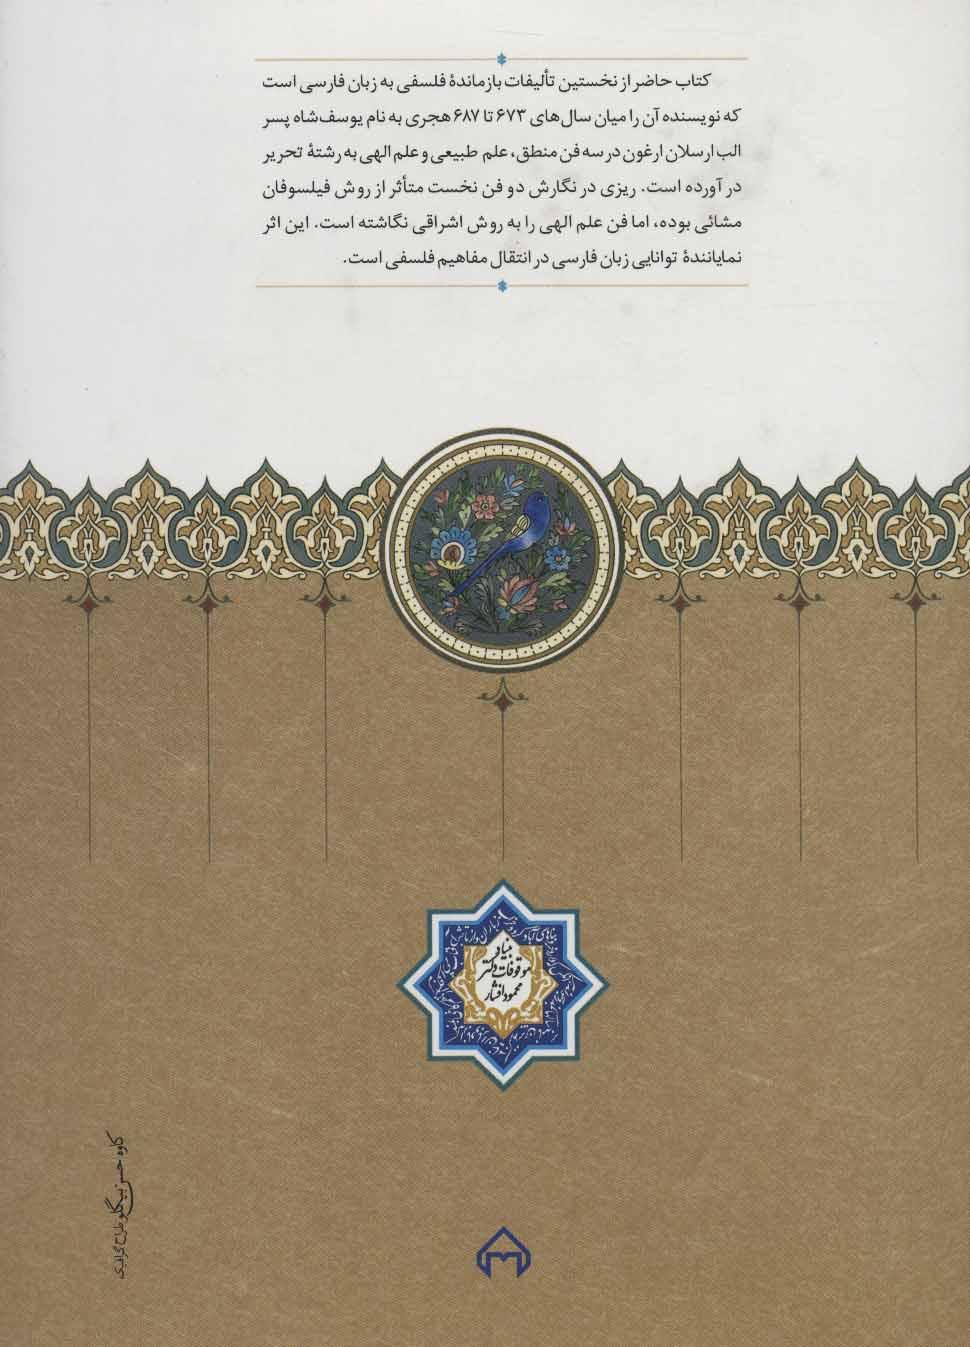 حیات النفوس (فلسفه اشراق به زبان فارسی)